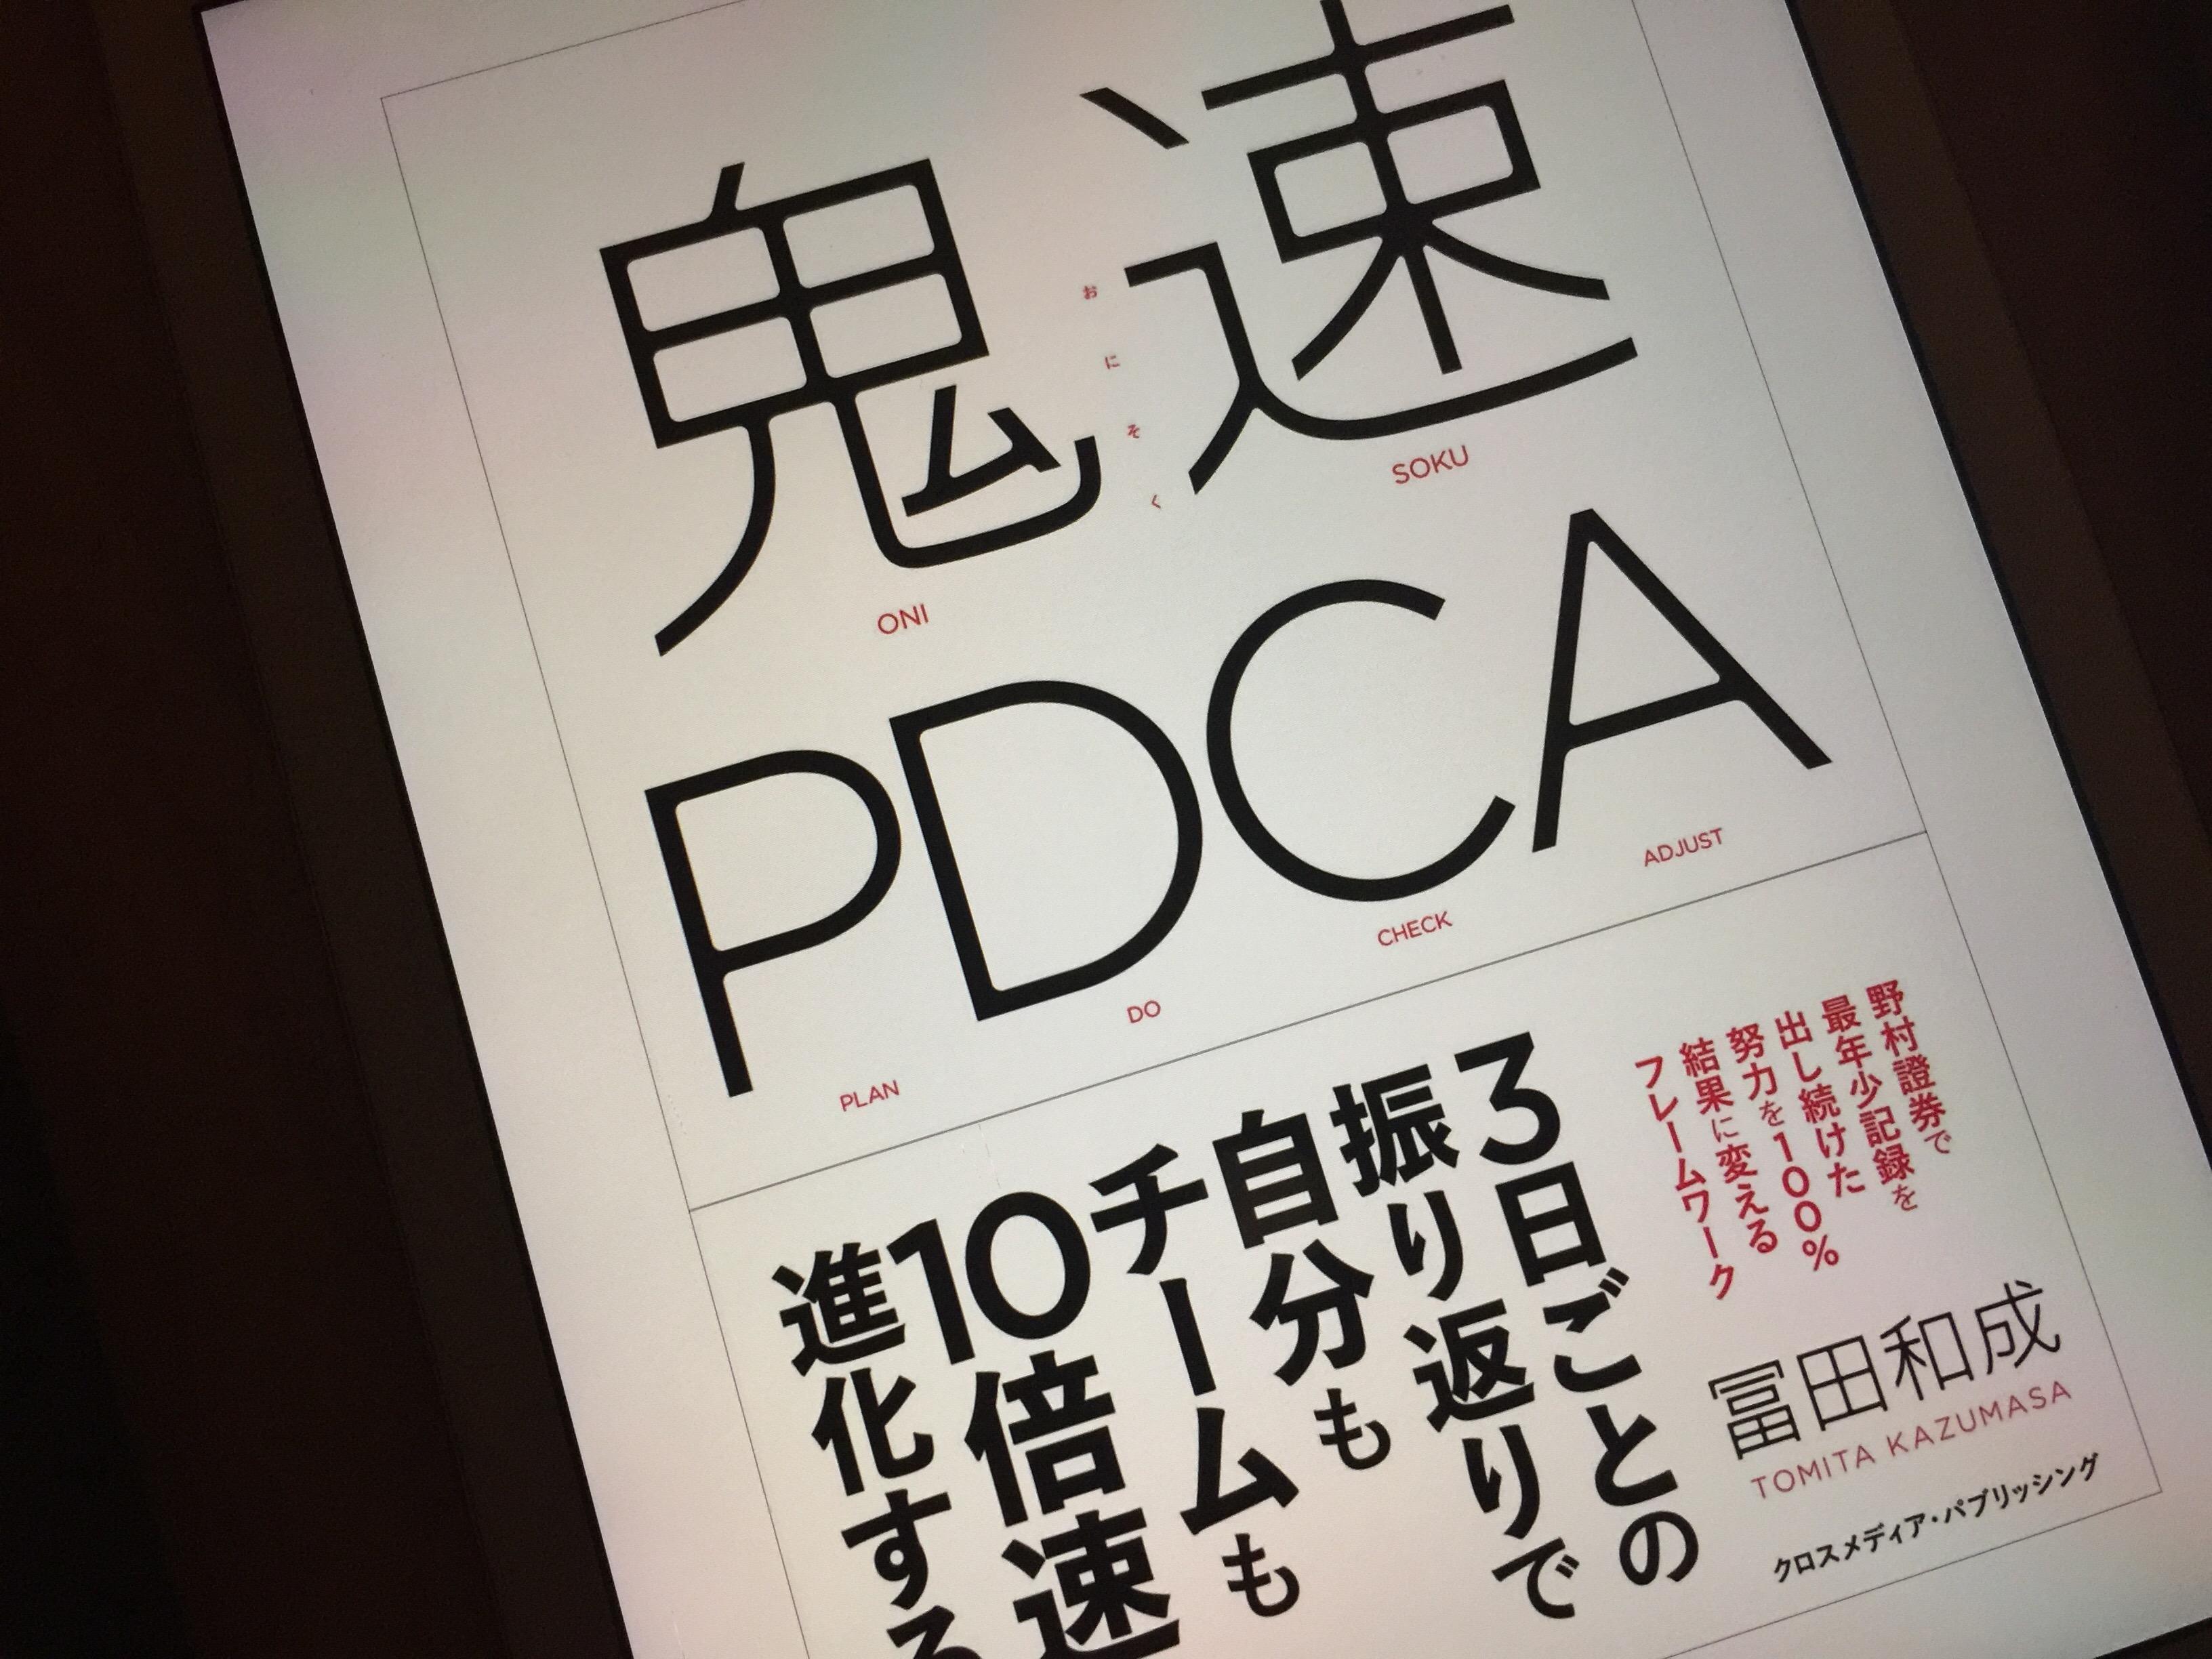 自分の行動を見直すきっかけになった良本「鬼速PDCA」